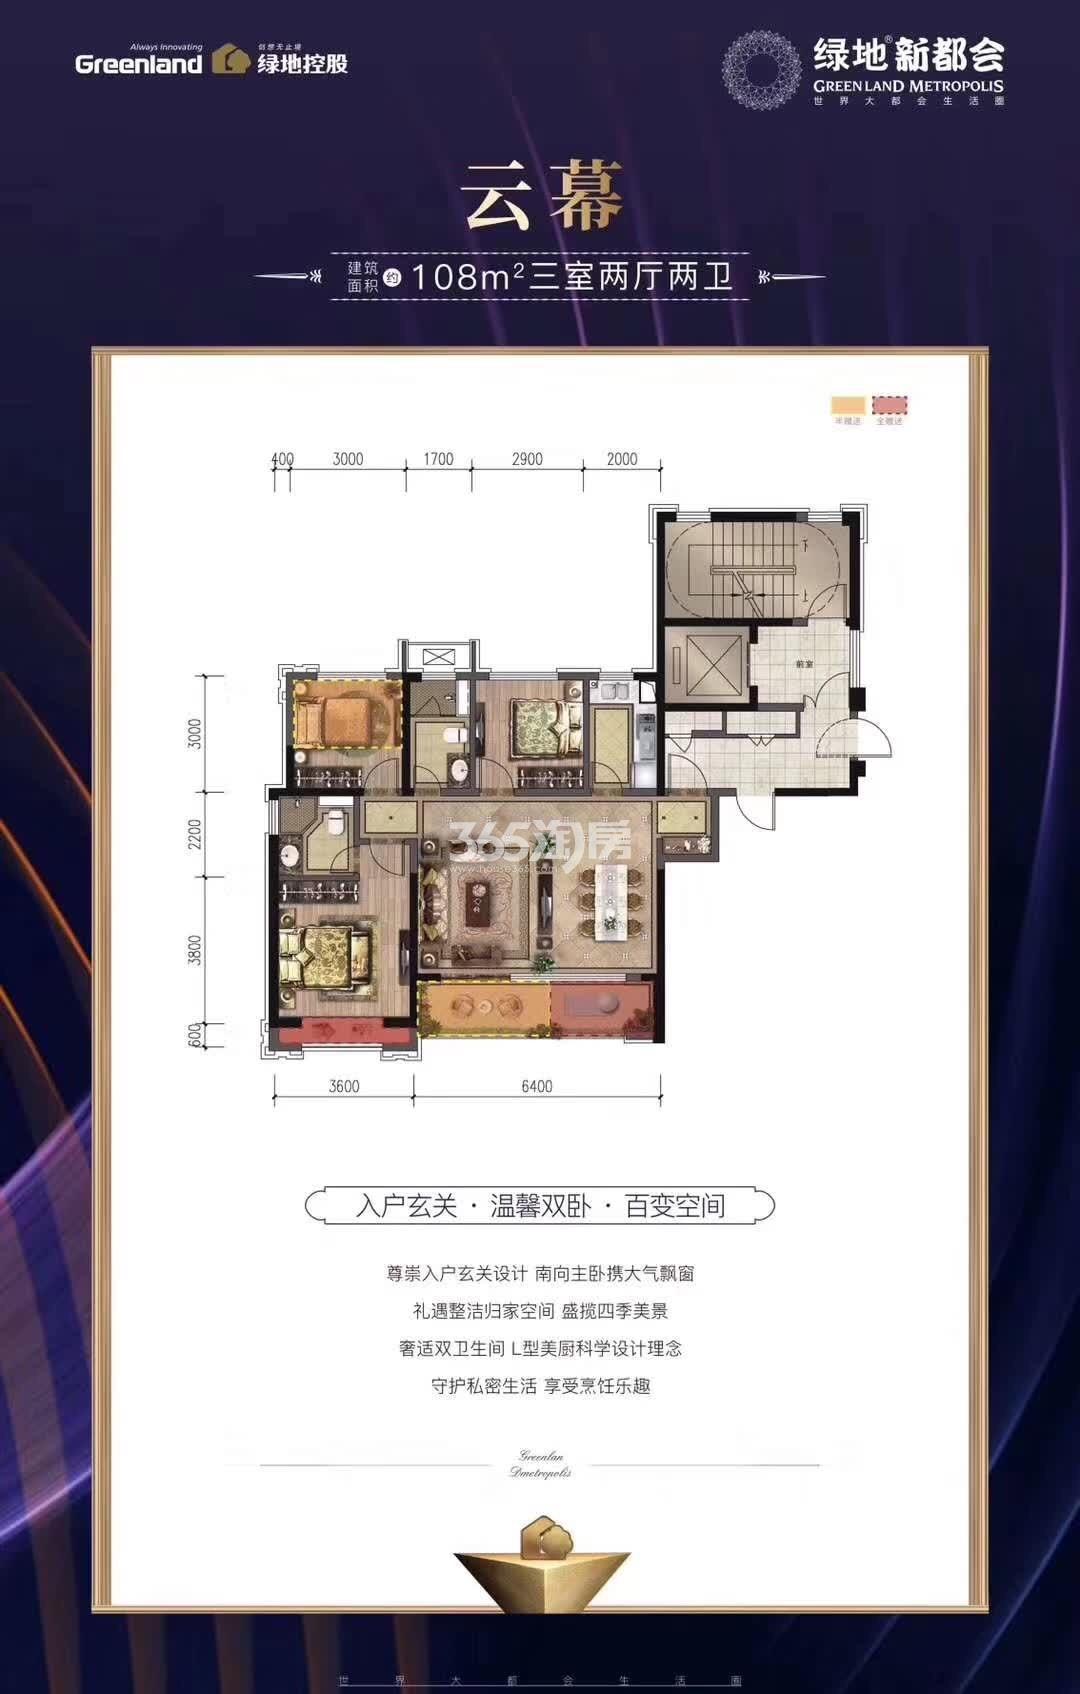 绿地新都会108㎡三室两厅一厨两卫户型图